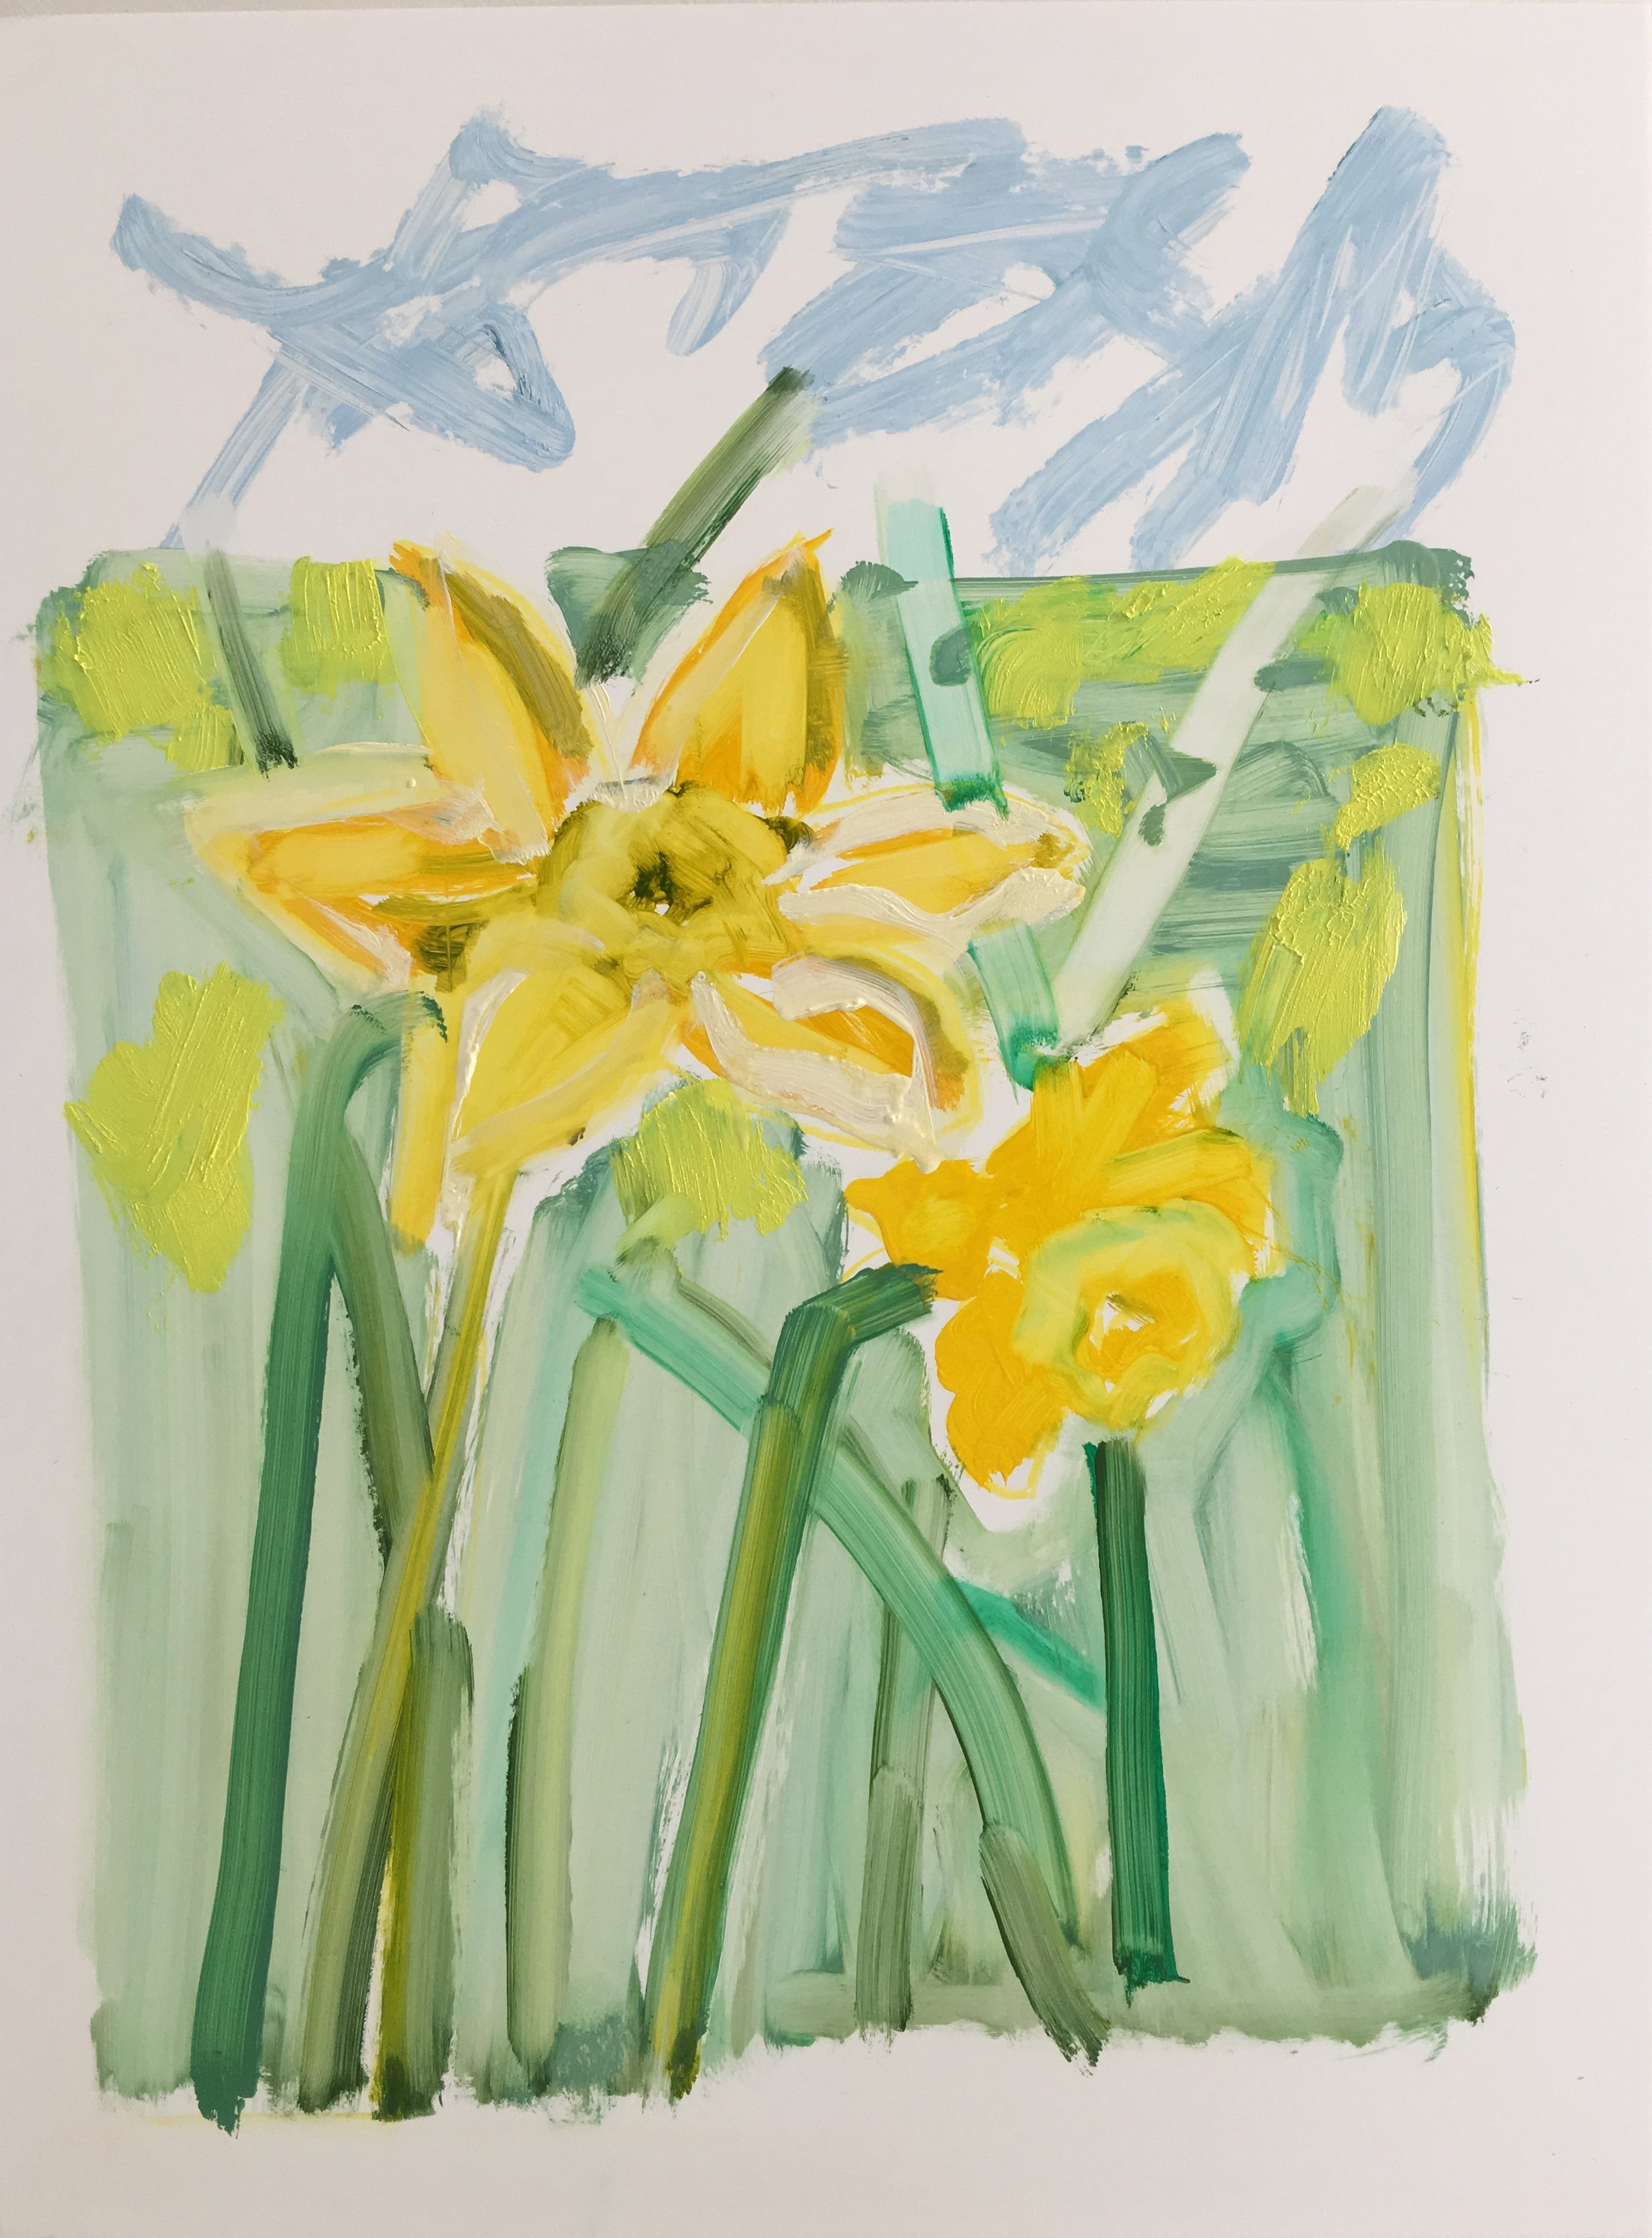 Daffodils II, 16x12